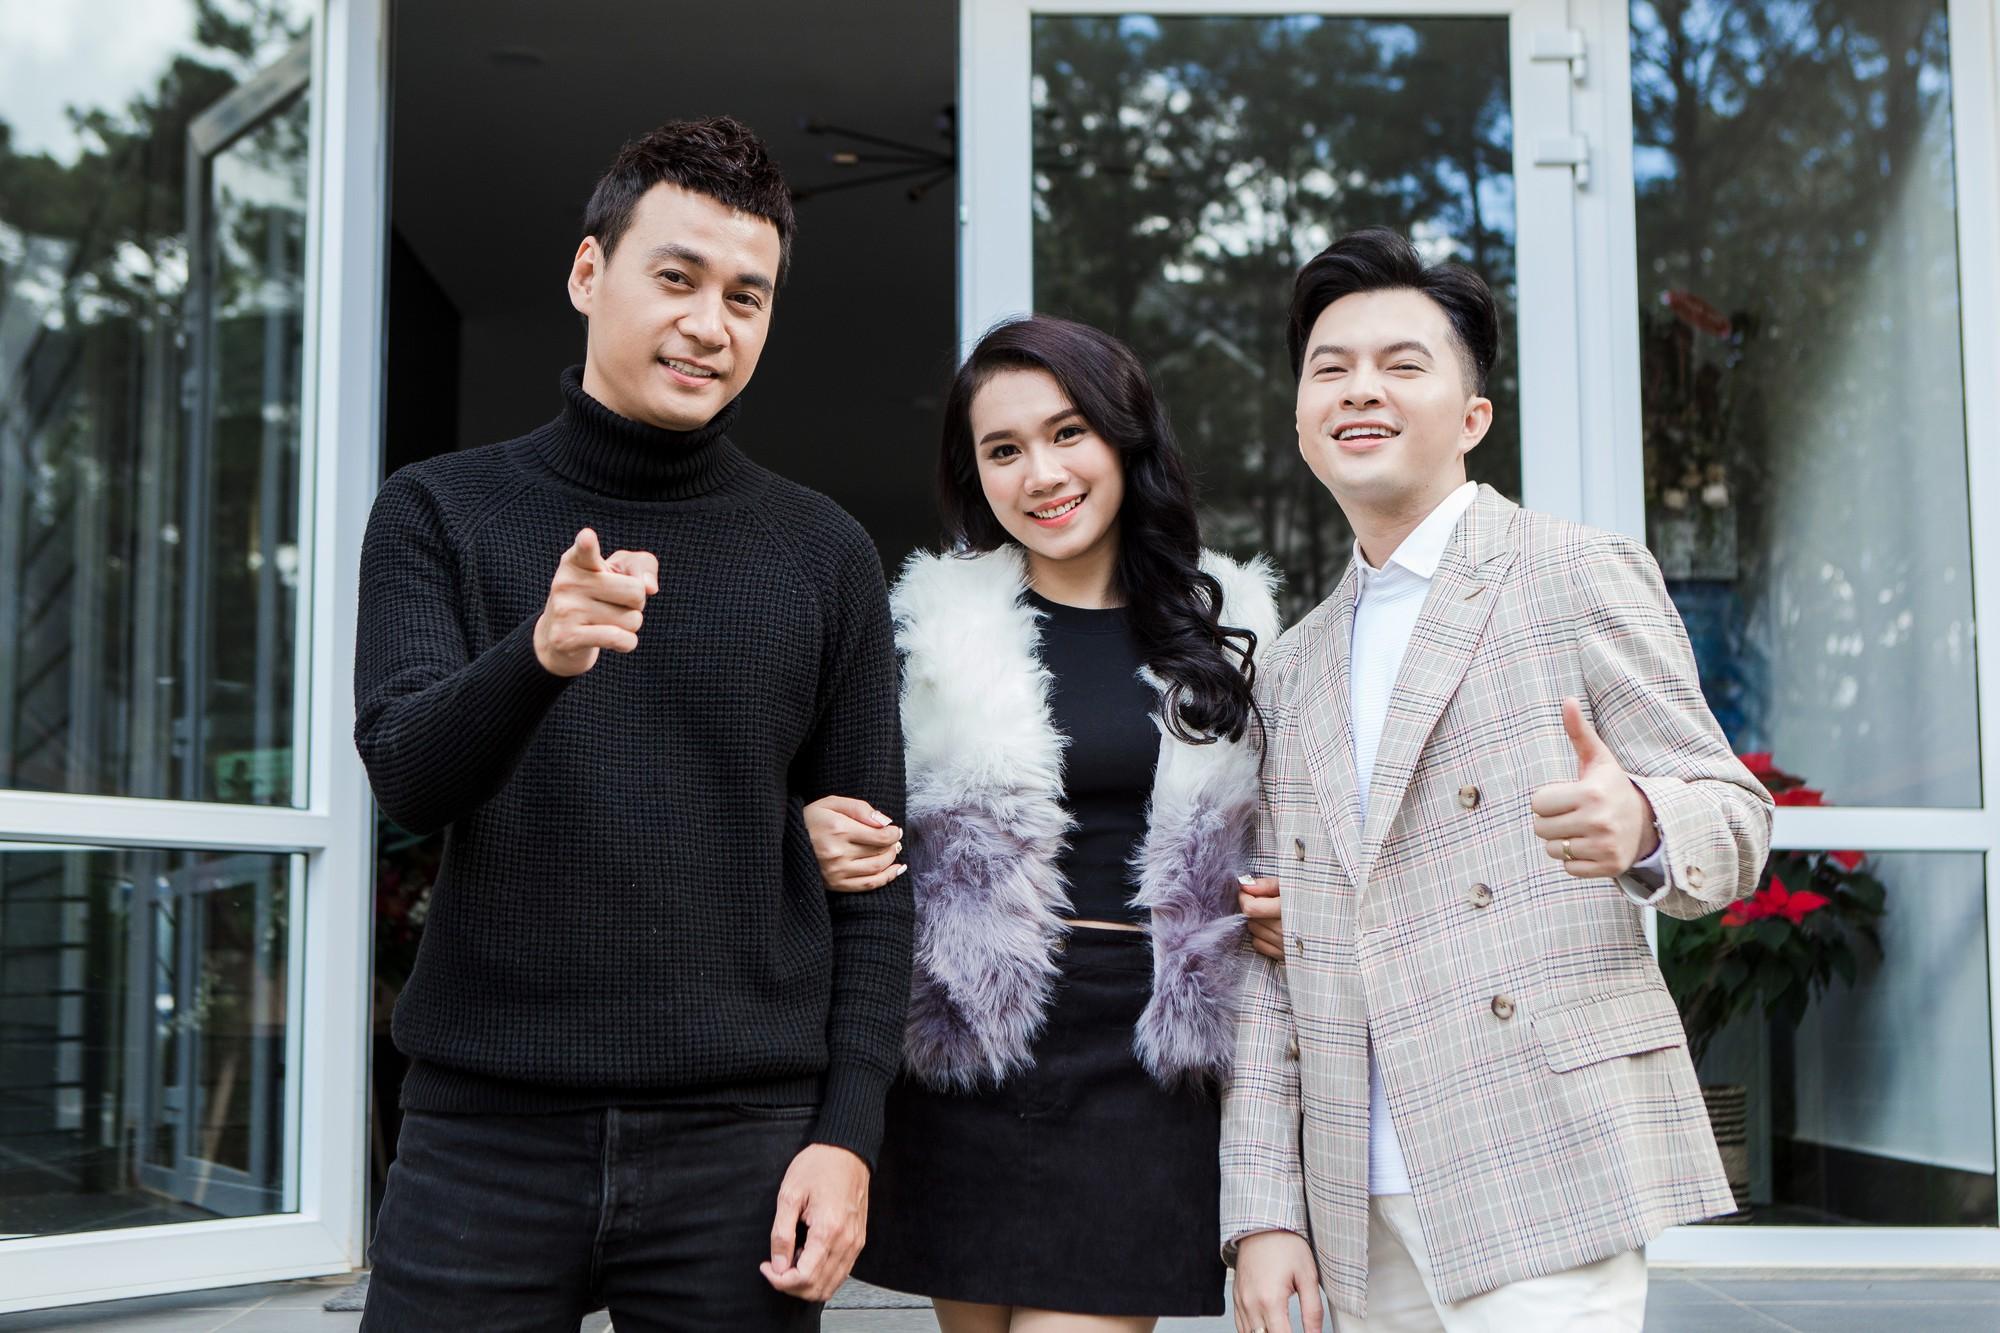 Nam Cường kể chuyện tình tay ba với Mai Bảo Ngọc và Ngọc Thuận - Ảnh 3.